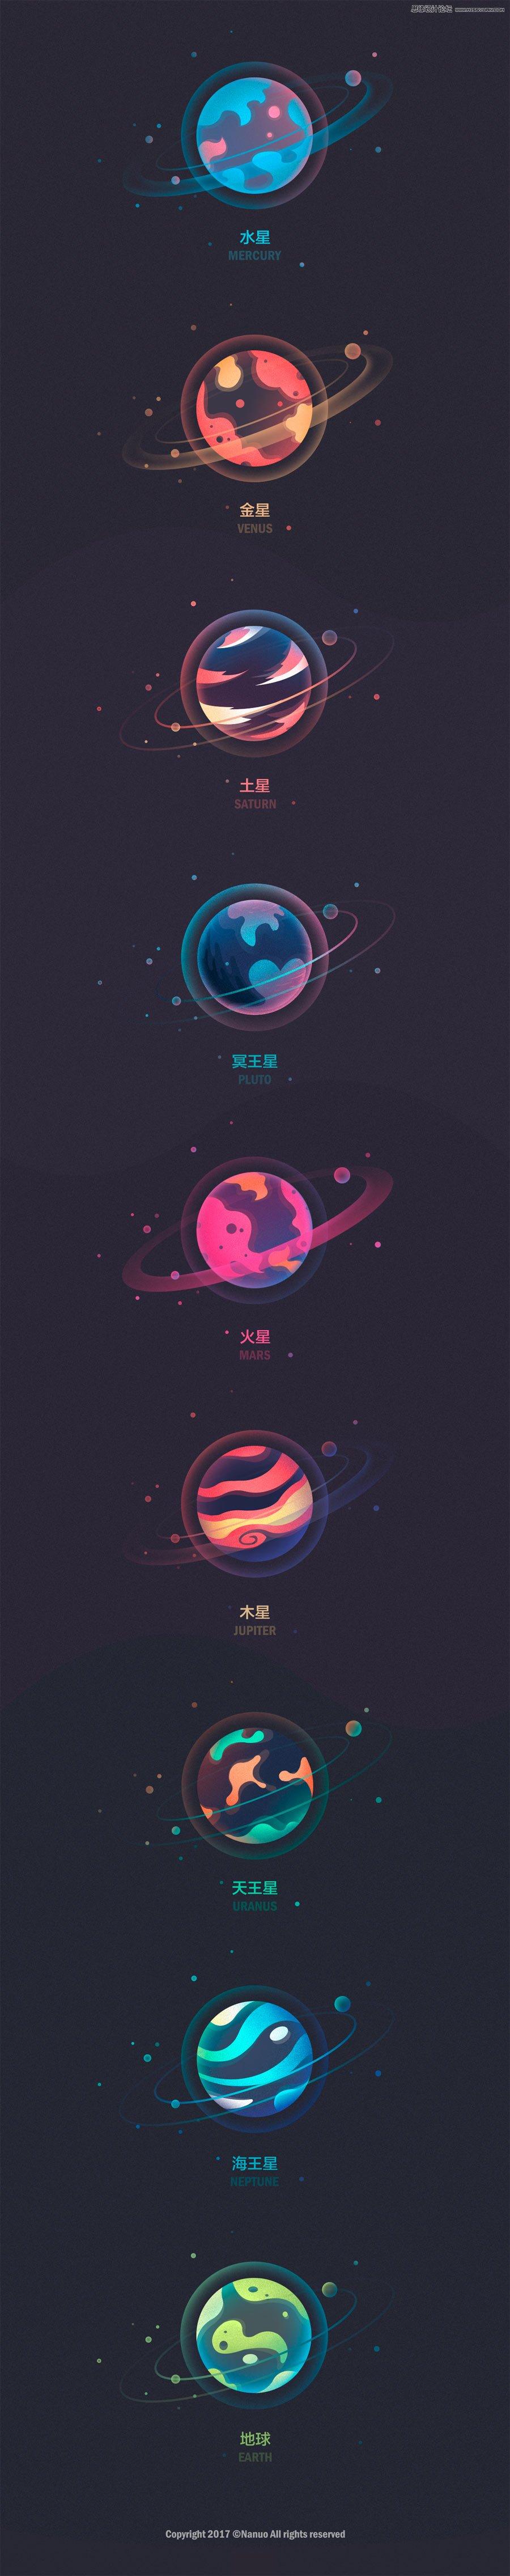 星球绘制:PS绘制时尚的星球插画,PS教程,思缘教程网